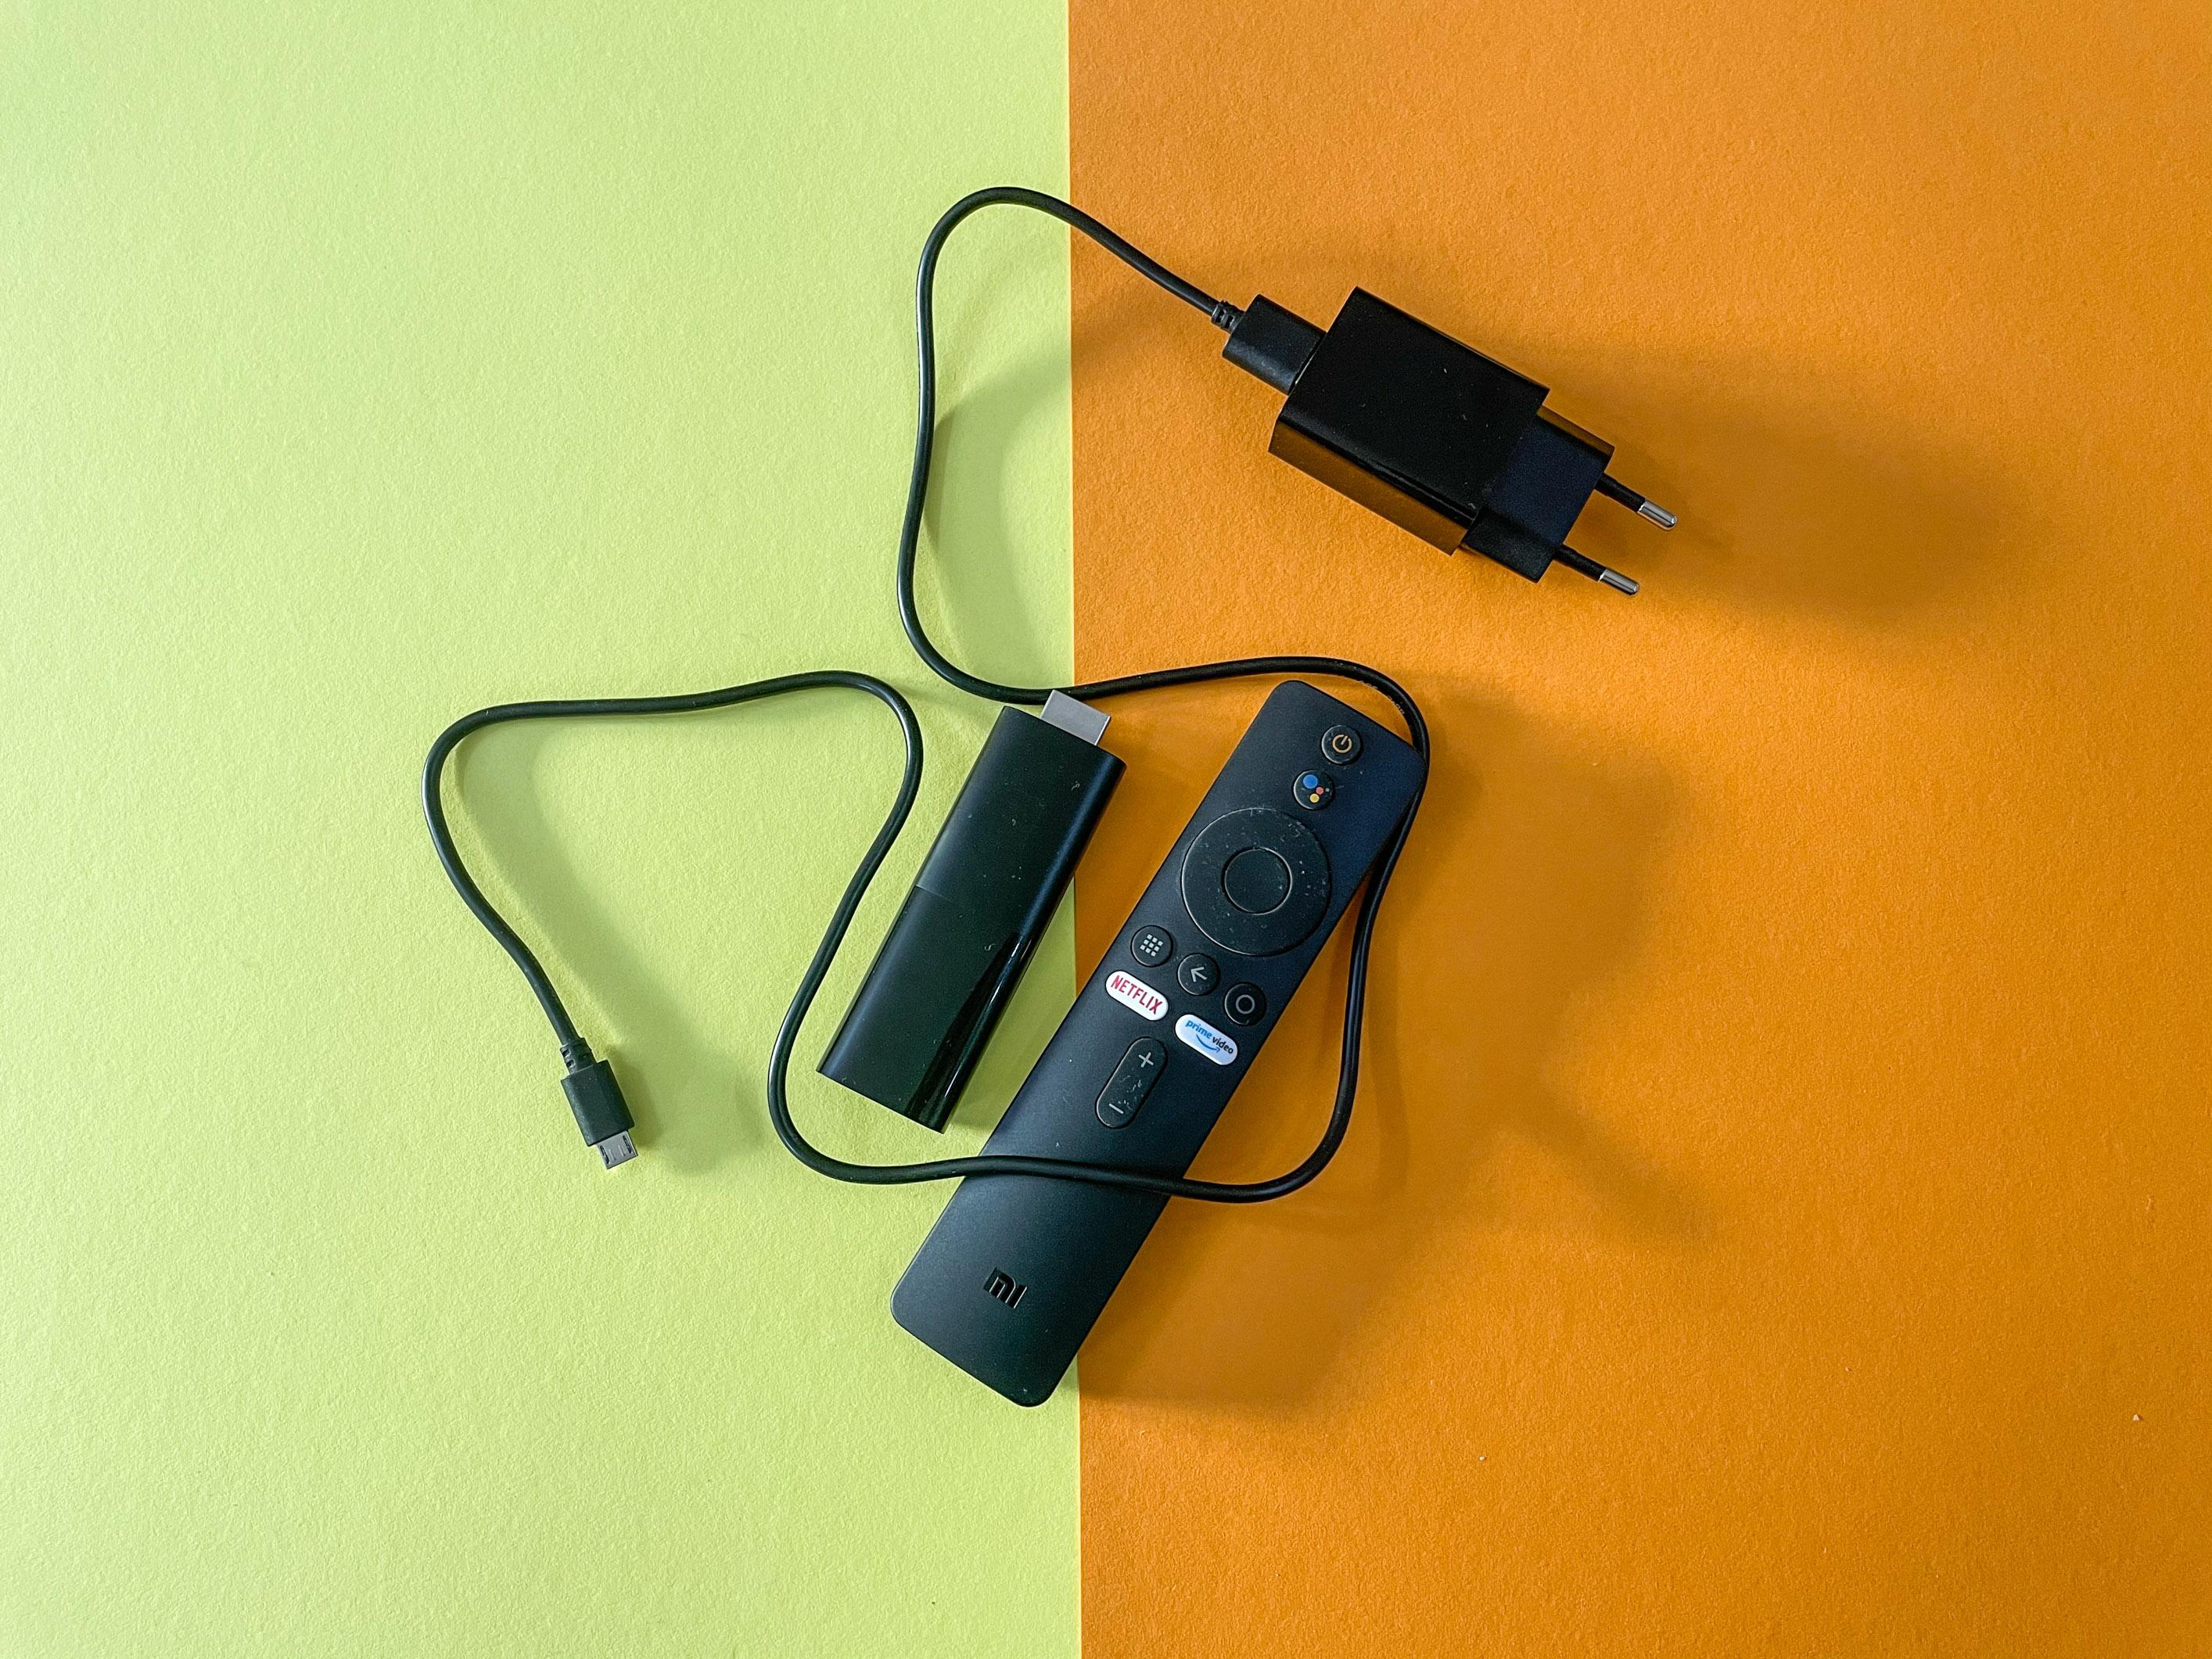 Android-TV-Geräte im Vergleichstest: Nokia-Box begeistert, Xiaomi-Stick enttäuscht - Das Kabel des Netzteils beim Mi TV Stick ist sehr kurz. (Bild: Ingo Pakalski/Golem.de)